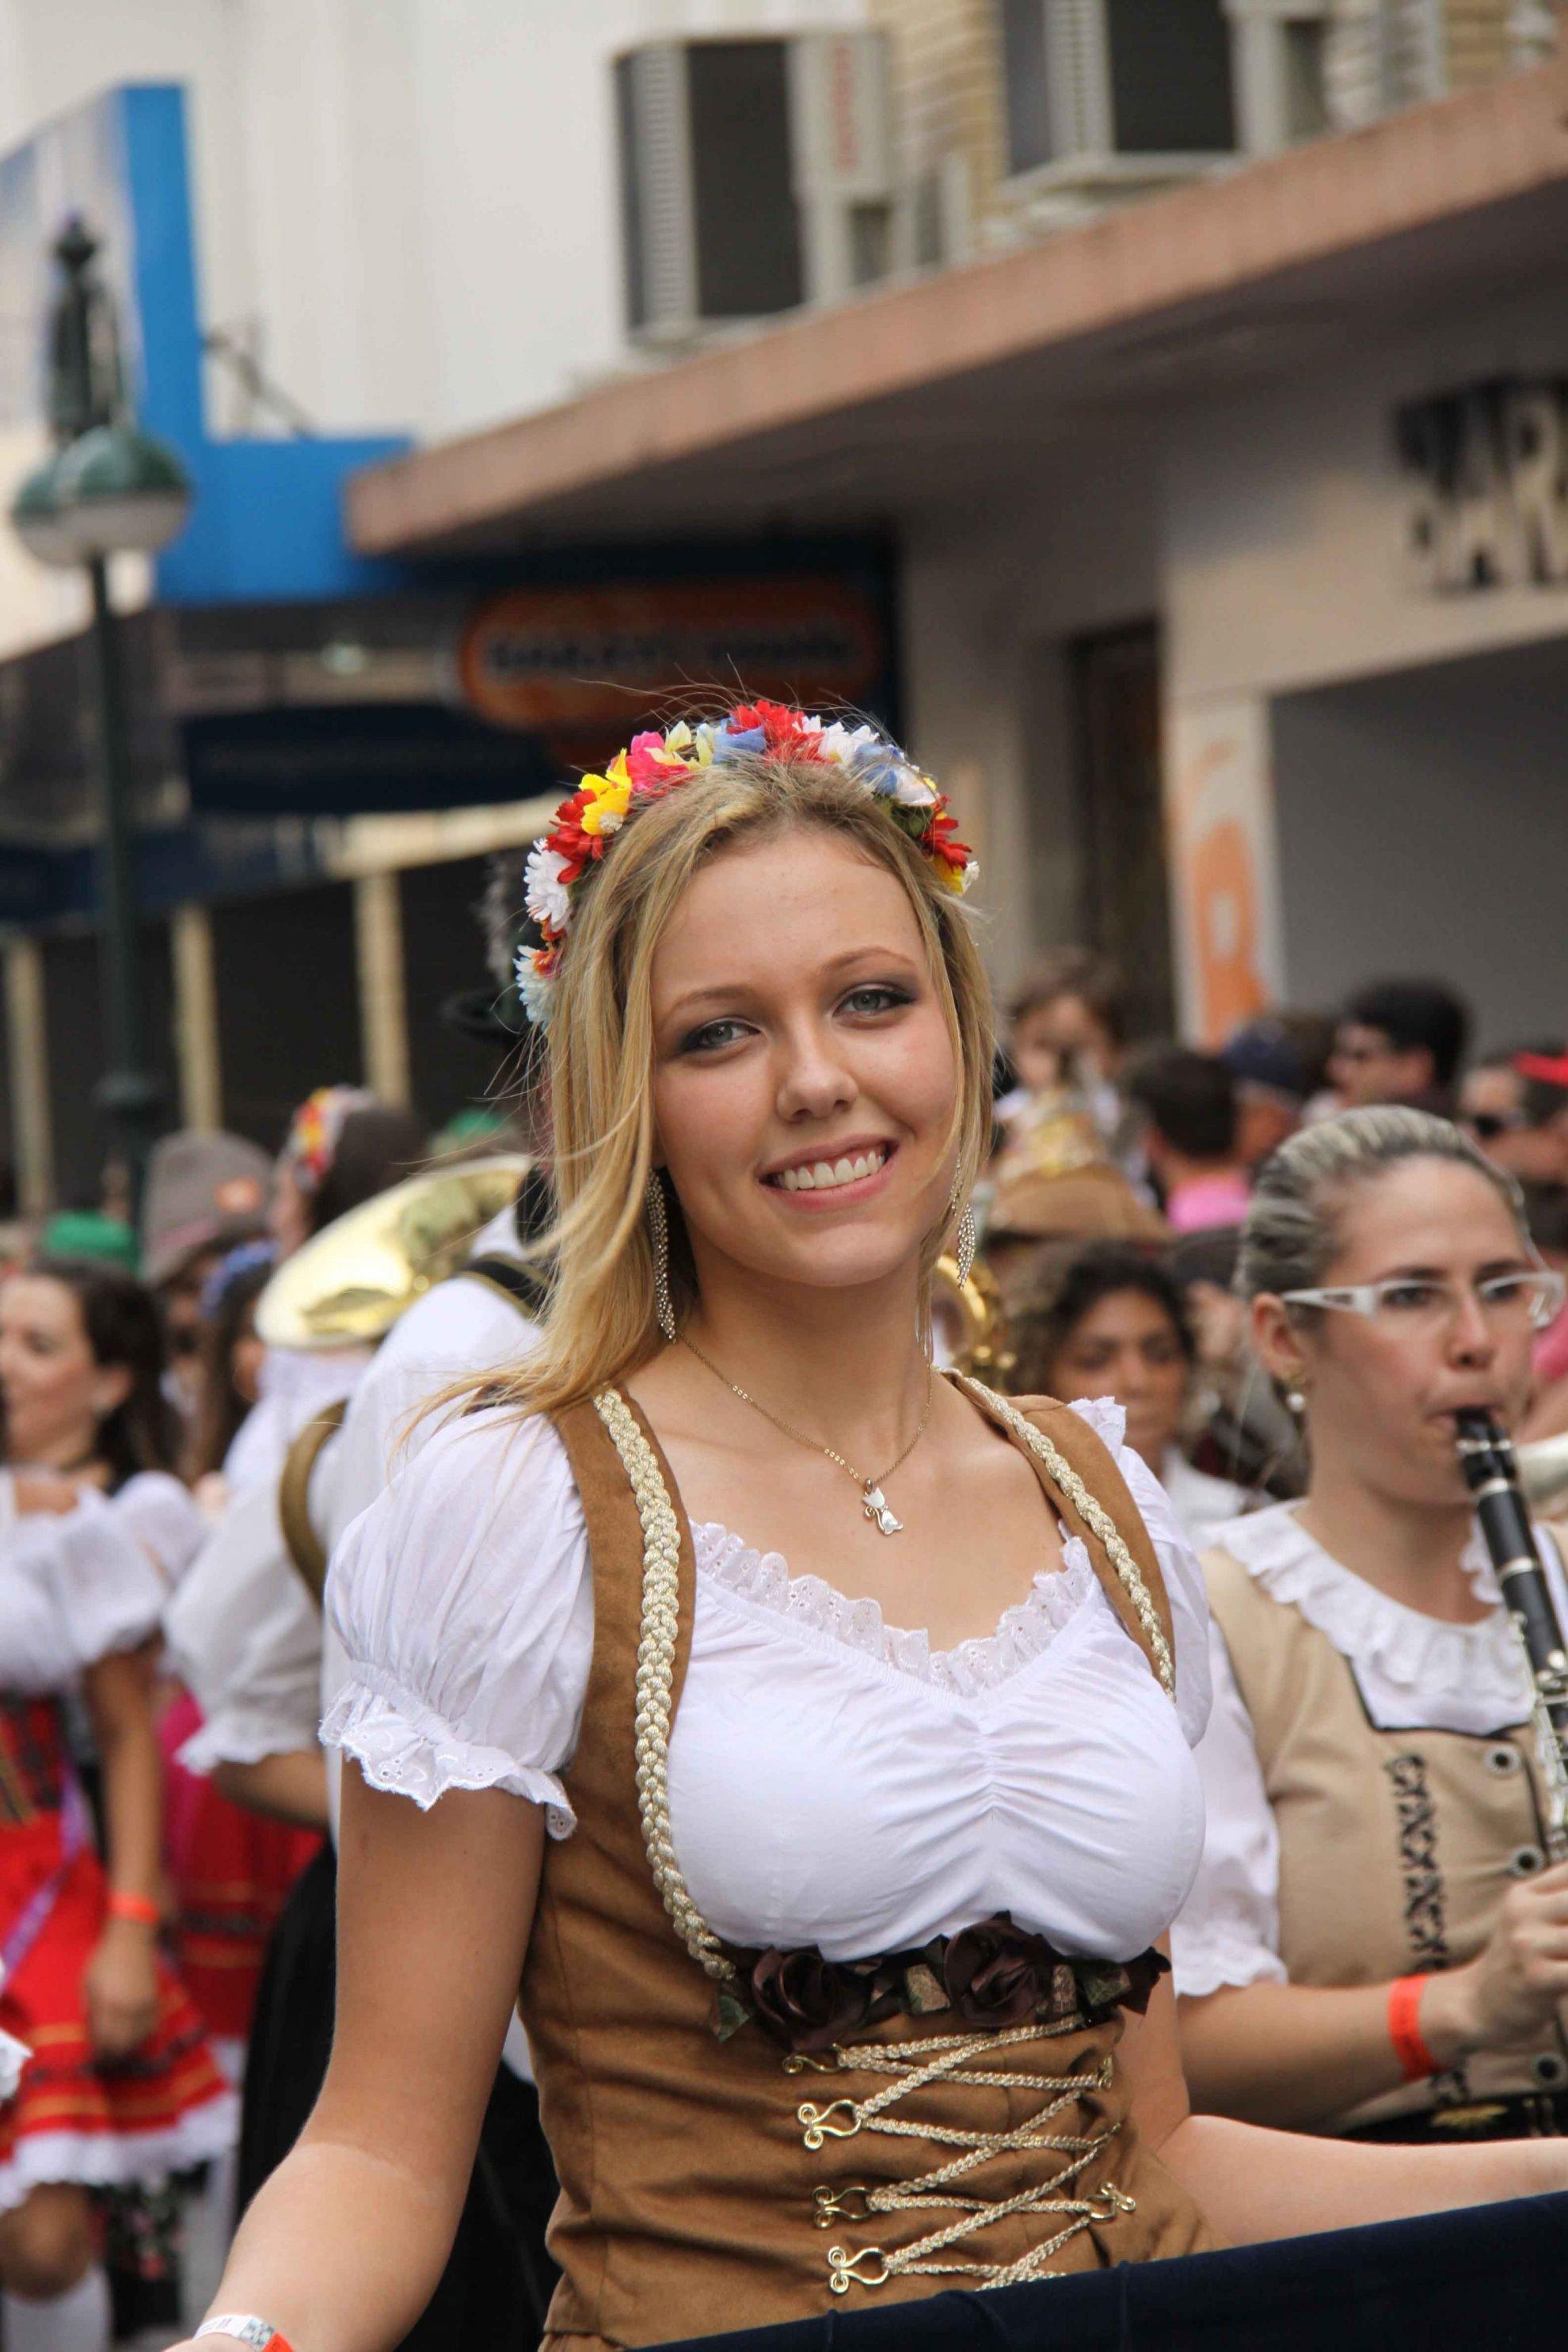 Bellezza tipica a Blemenau (SC - Brasile)